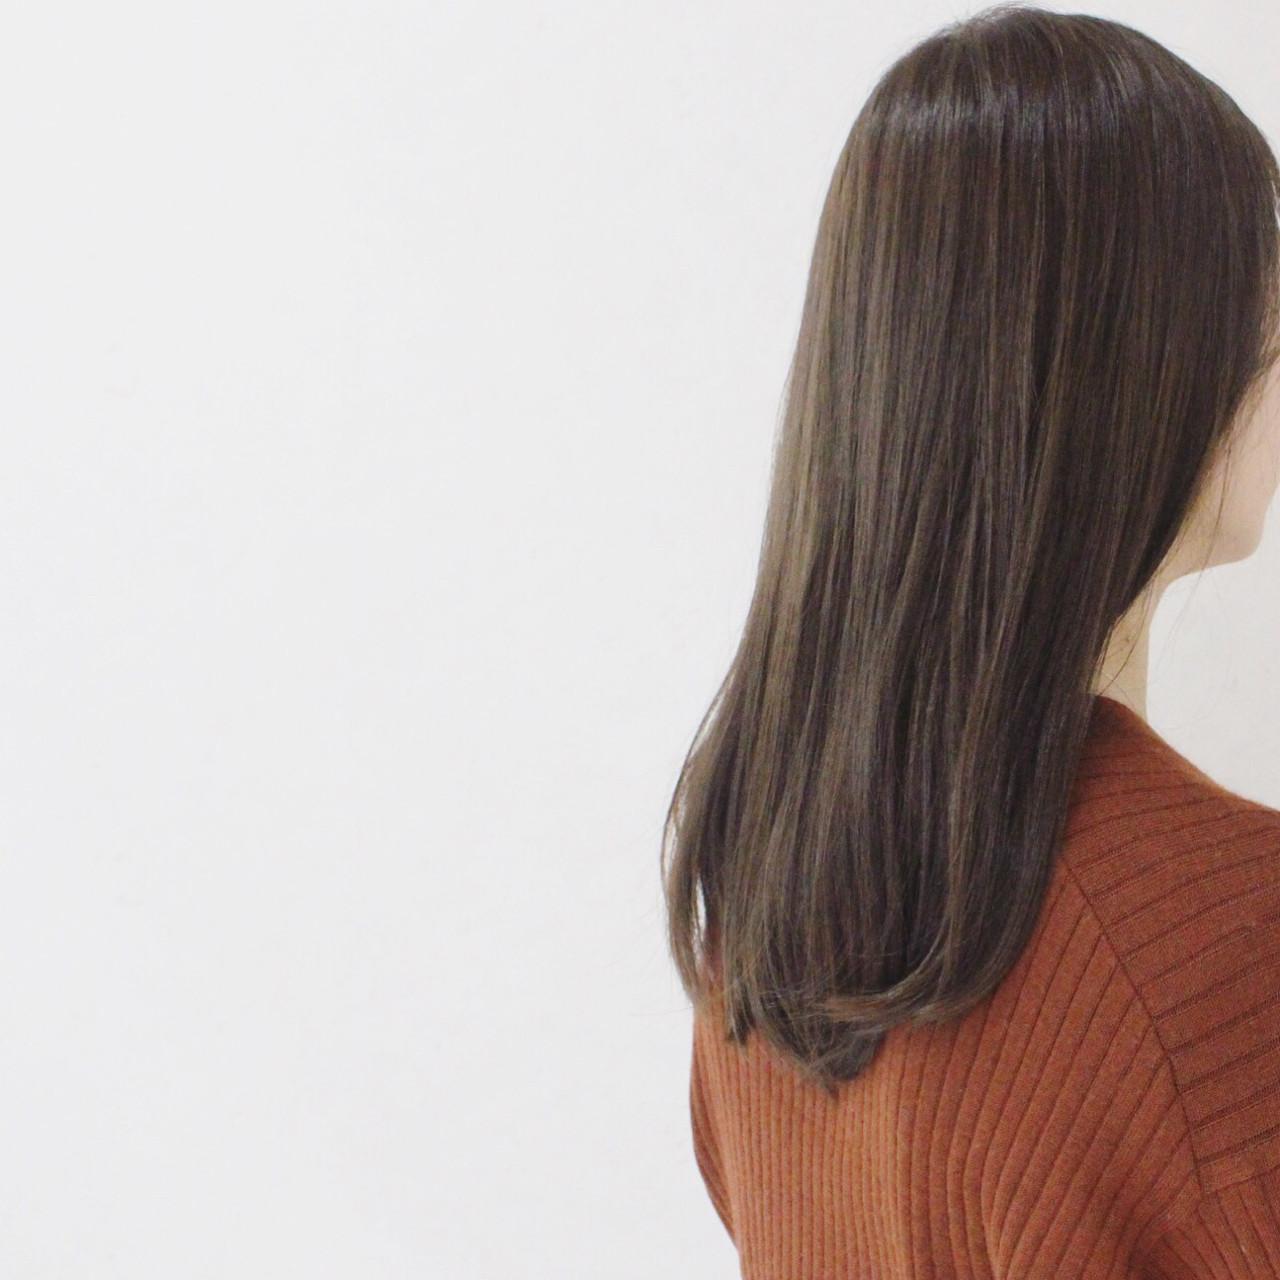 グレージュ 大人かわいい アッシュ ハイライト ヘアスタイルや髪型の写真・画像